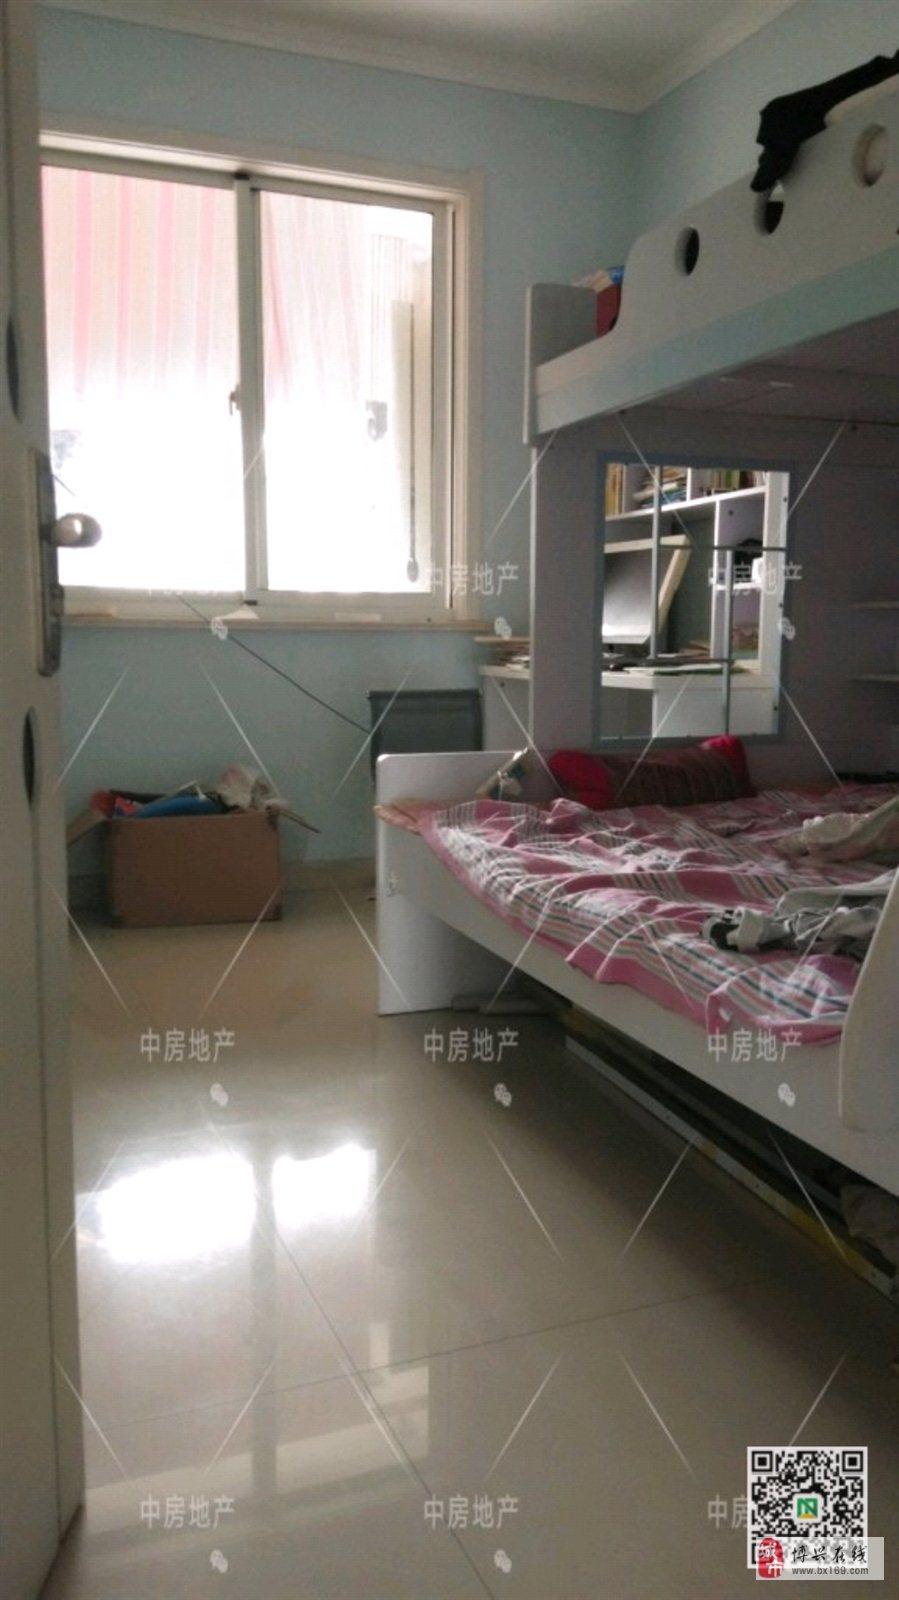 渤海锦绣城3室2厅2卫165万元